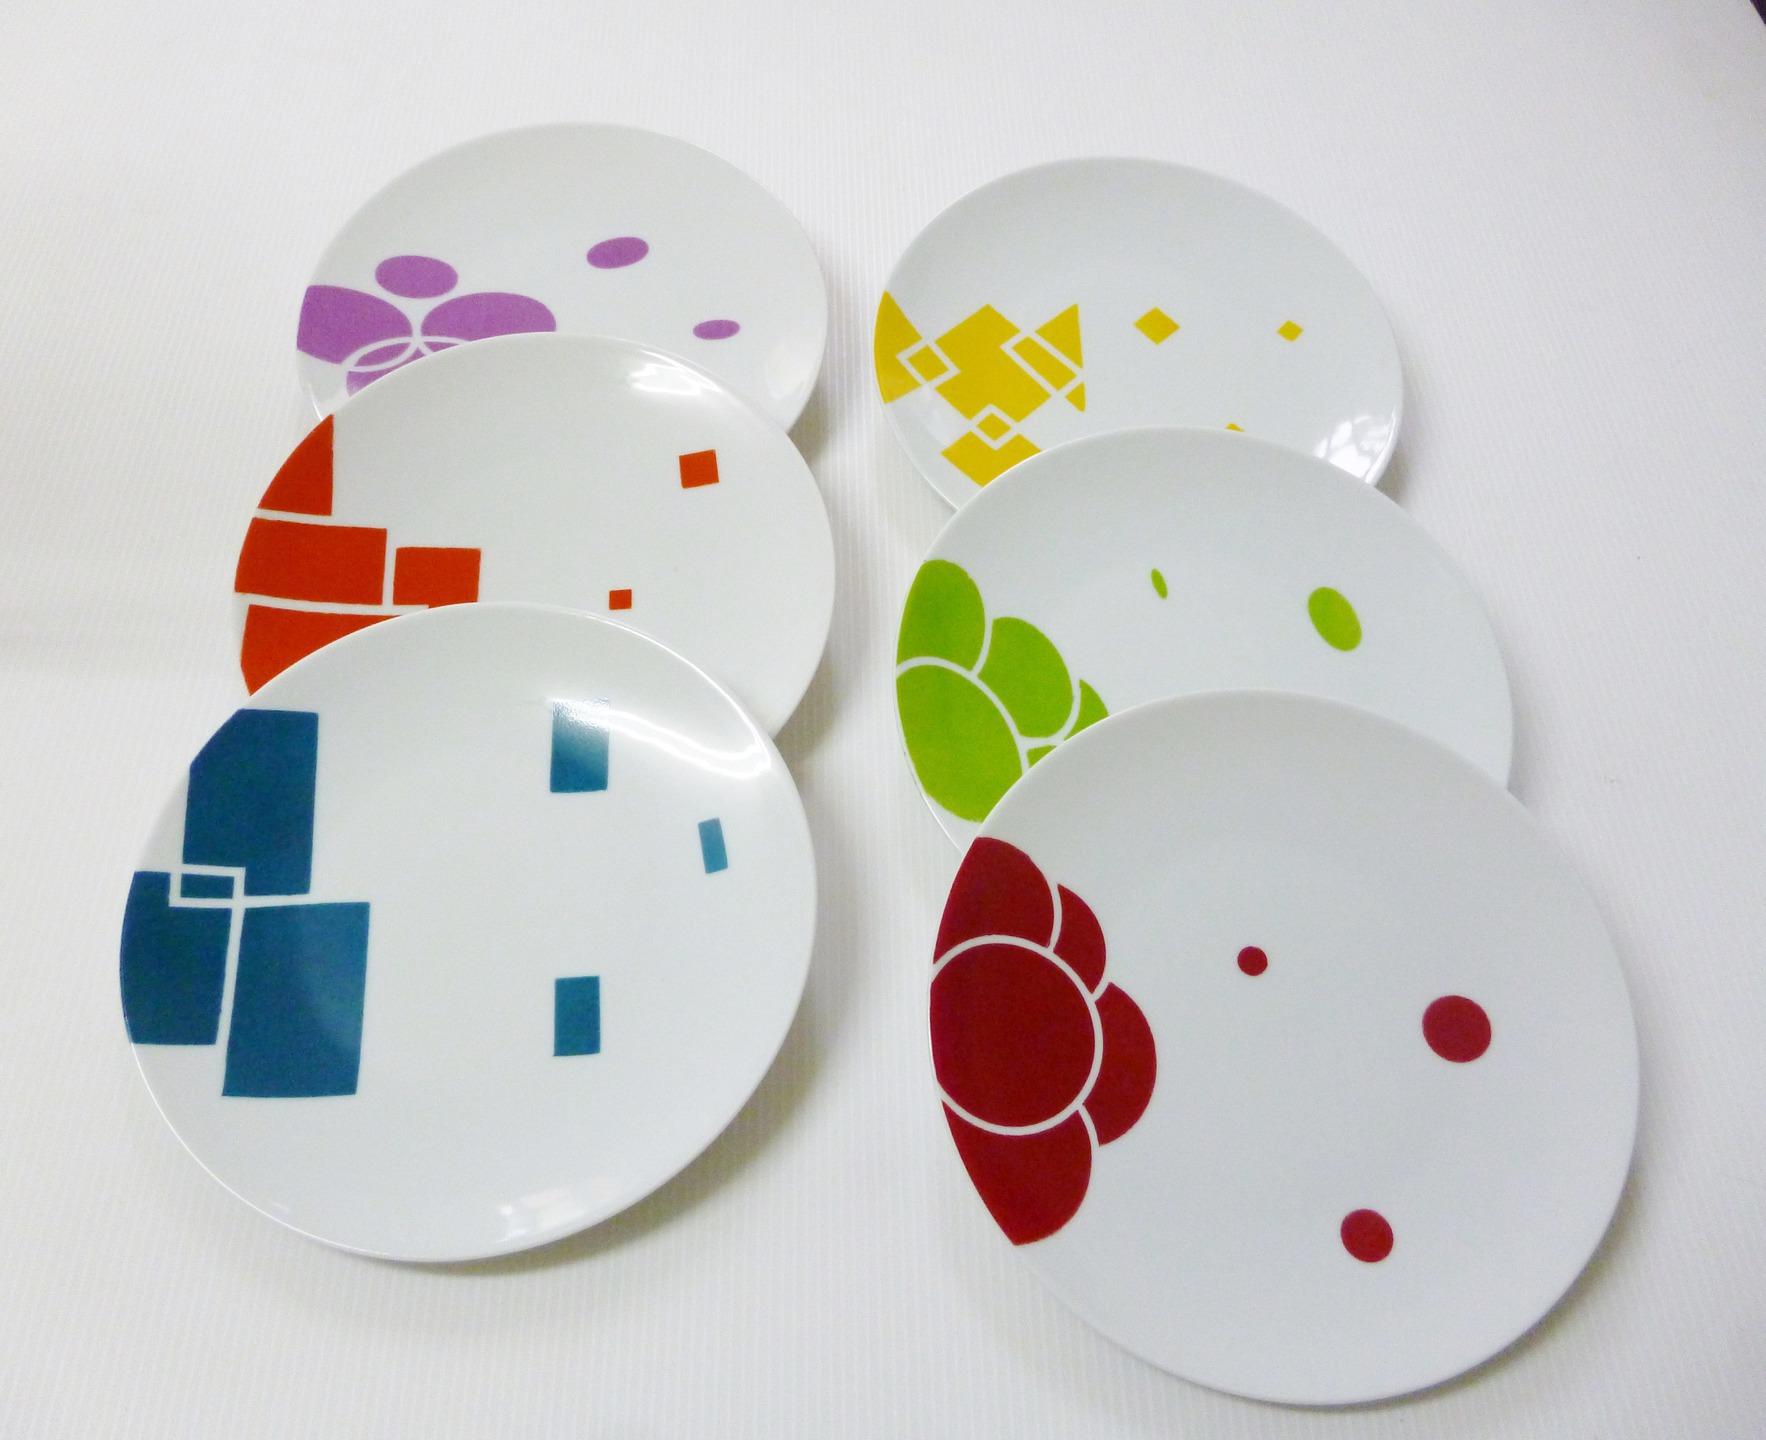 vaisselle-les-assiettes-multicolores-et-geom-7636823-p1070013-jpg-ea2e0_big Impressionnant De Table Basse Carrée Bois Concept